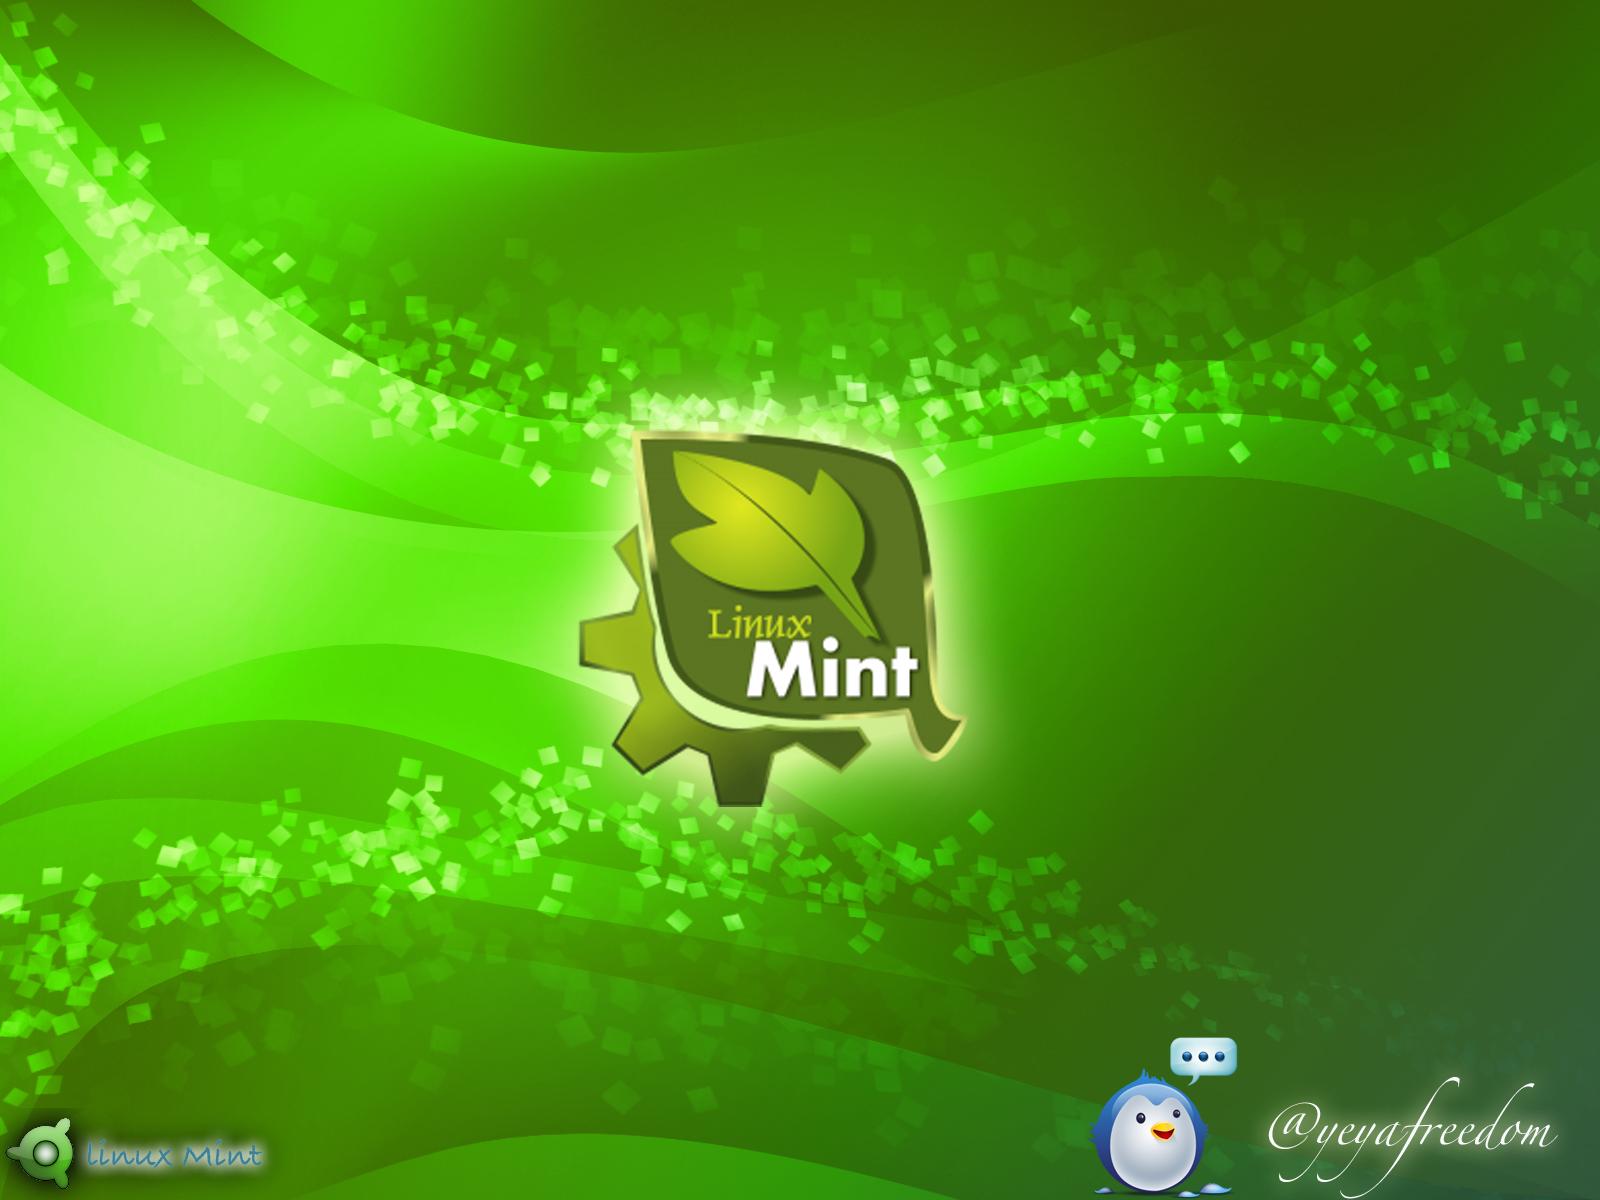 LiNux y Mas Wallpapers Linux Mint Julia 1600x1200